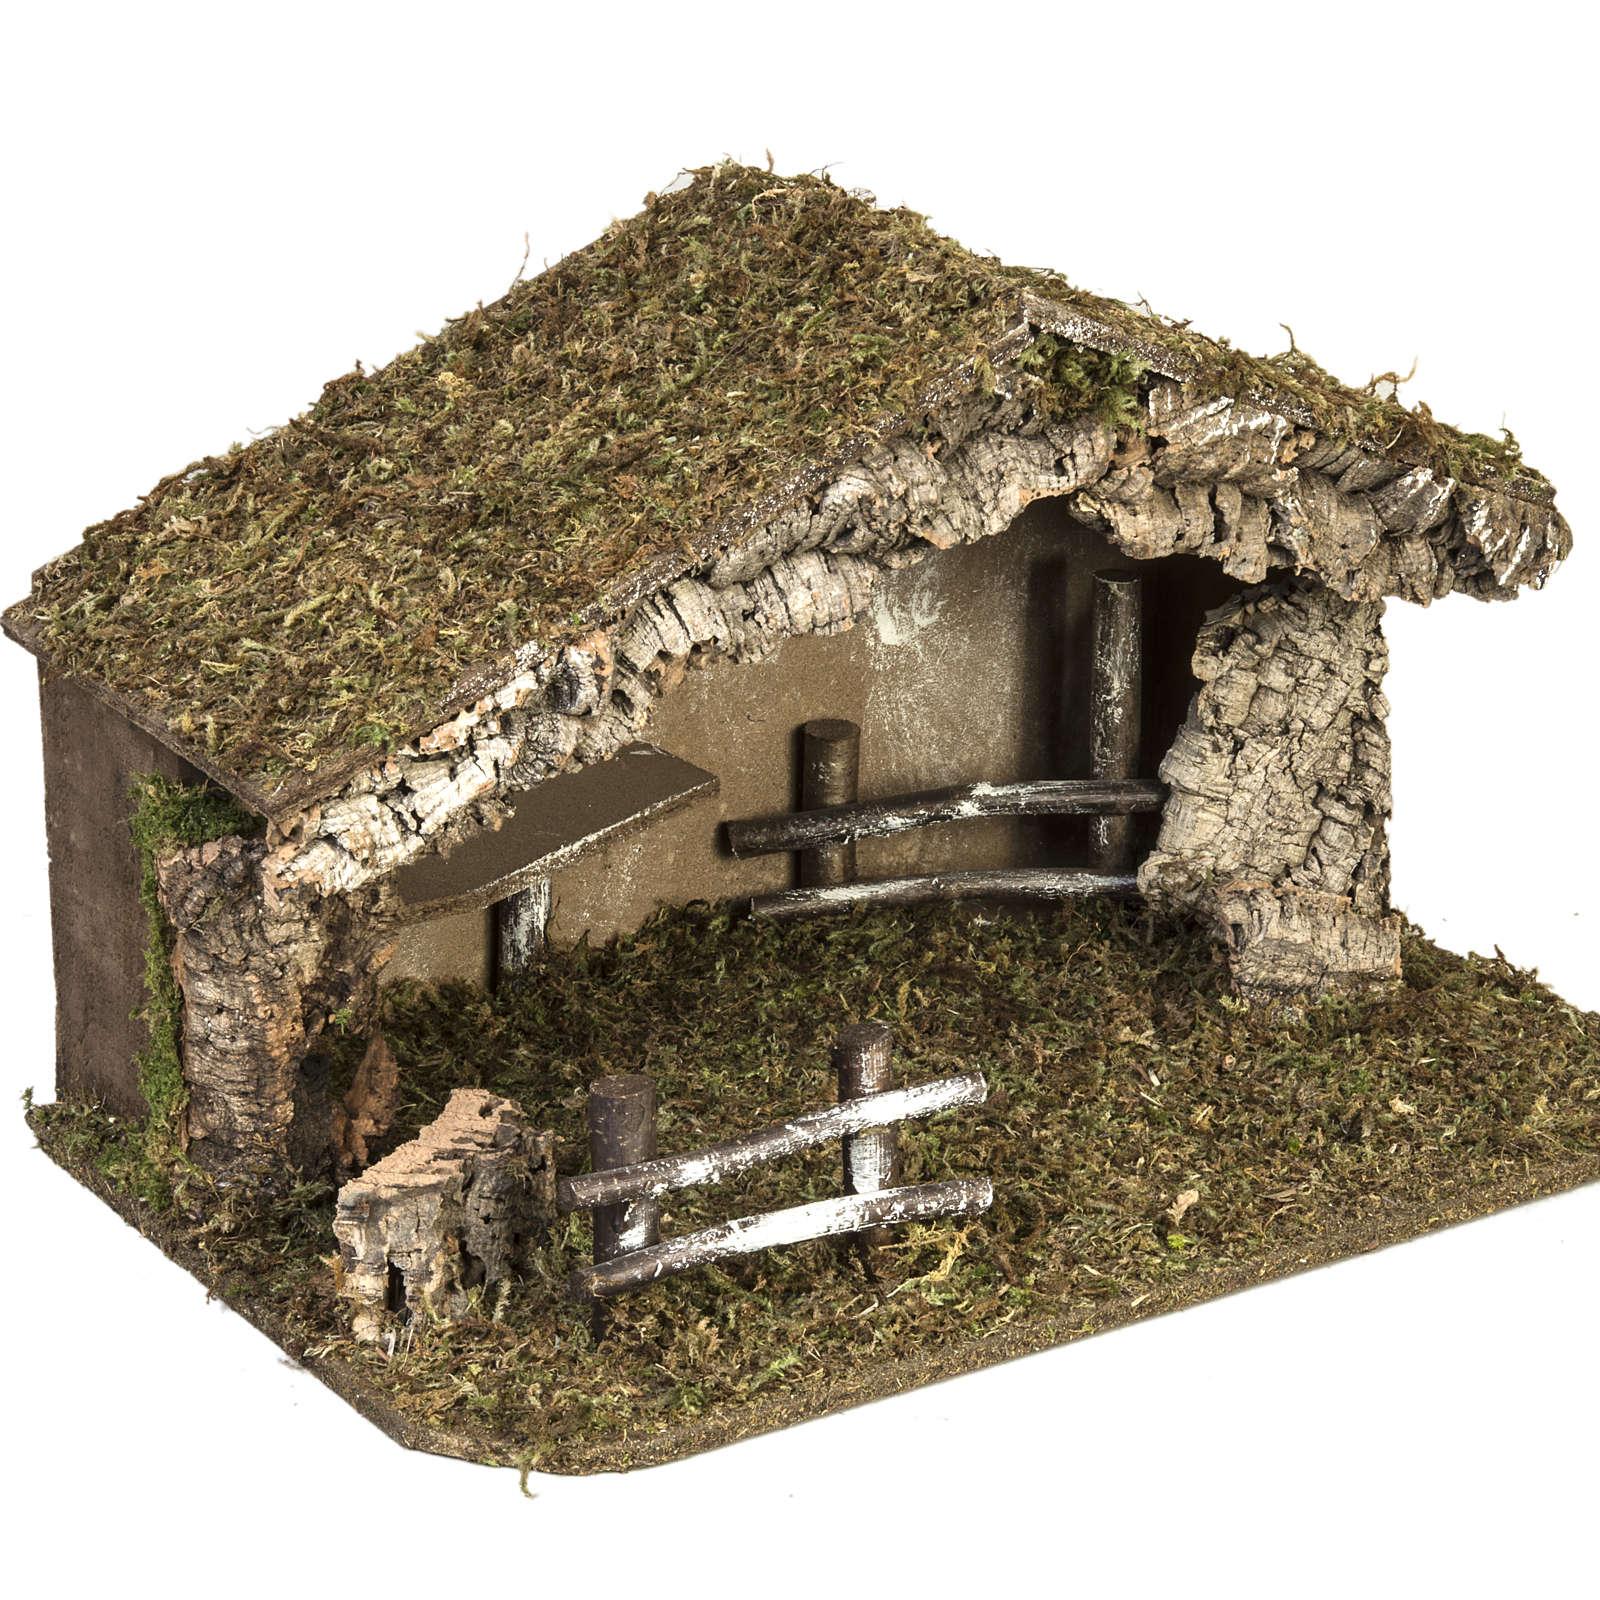 Cabana presépio simples cortiça e musgo 38x58x34 cm 4